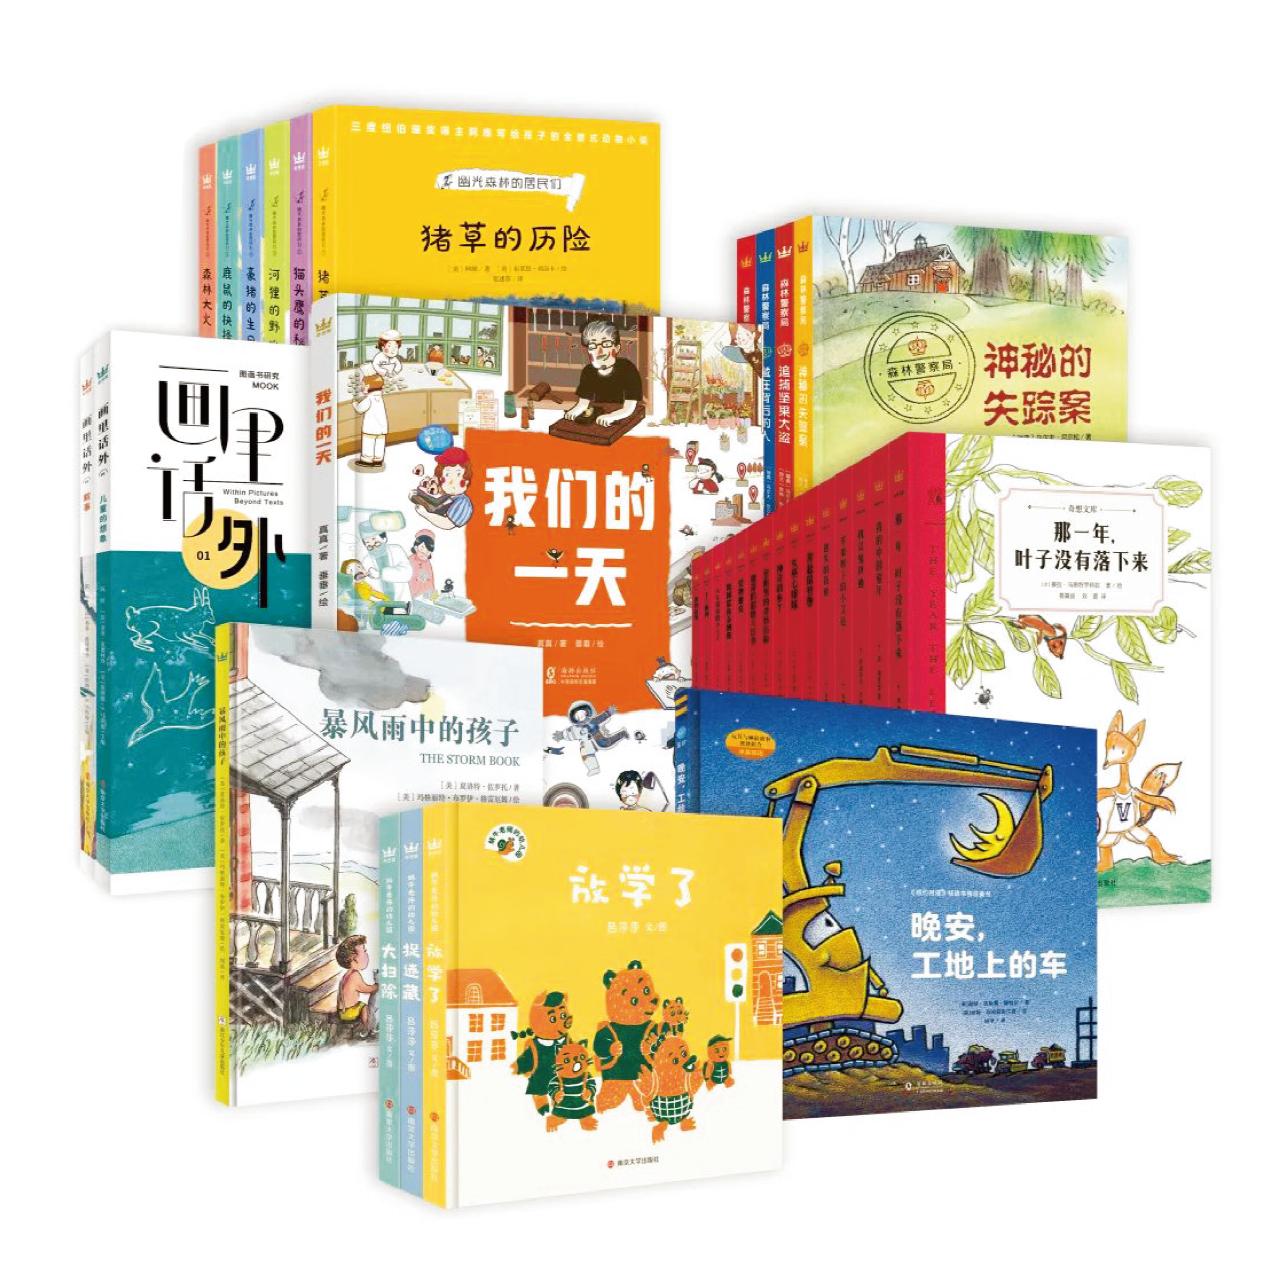 黄晓燕:给孩子们一个奇思妙想的国度-出版人杂志官网